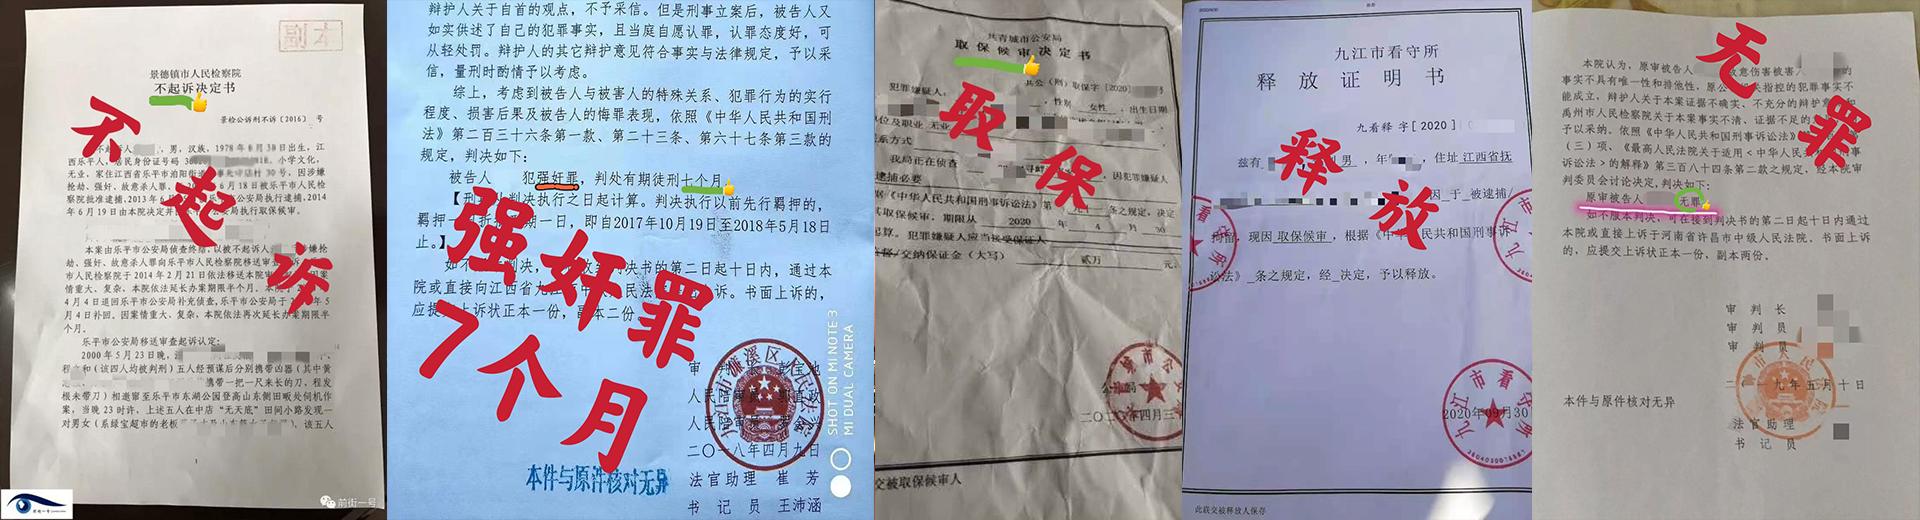 九江刑事辩护律师咨询